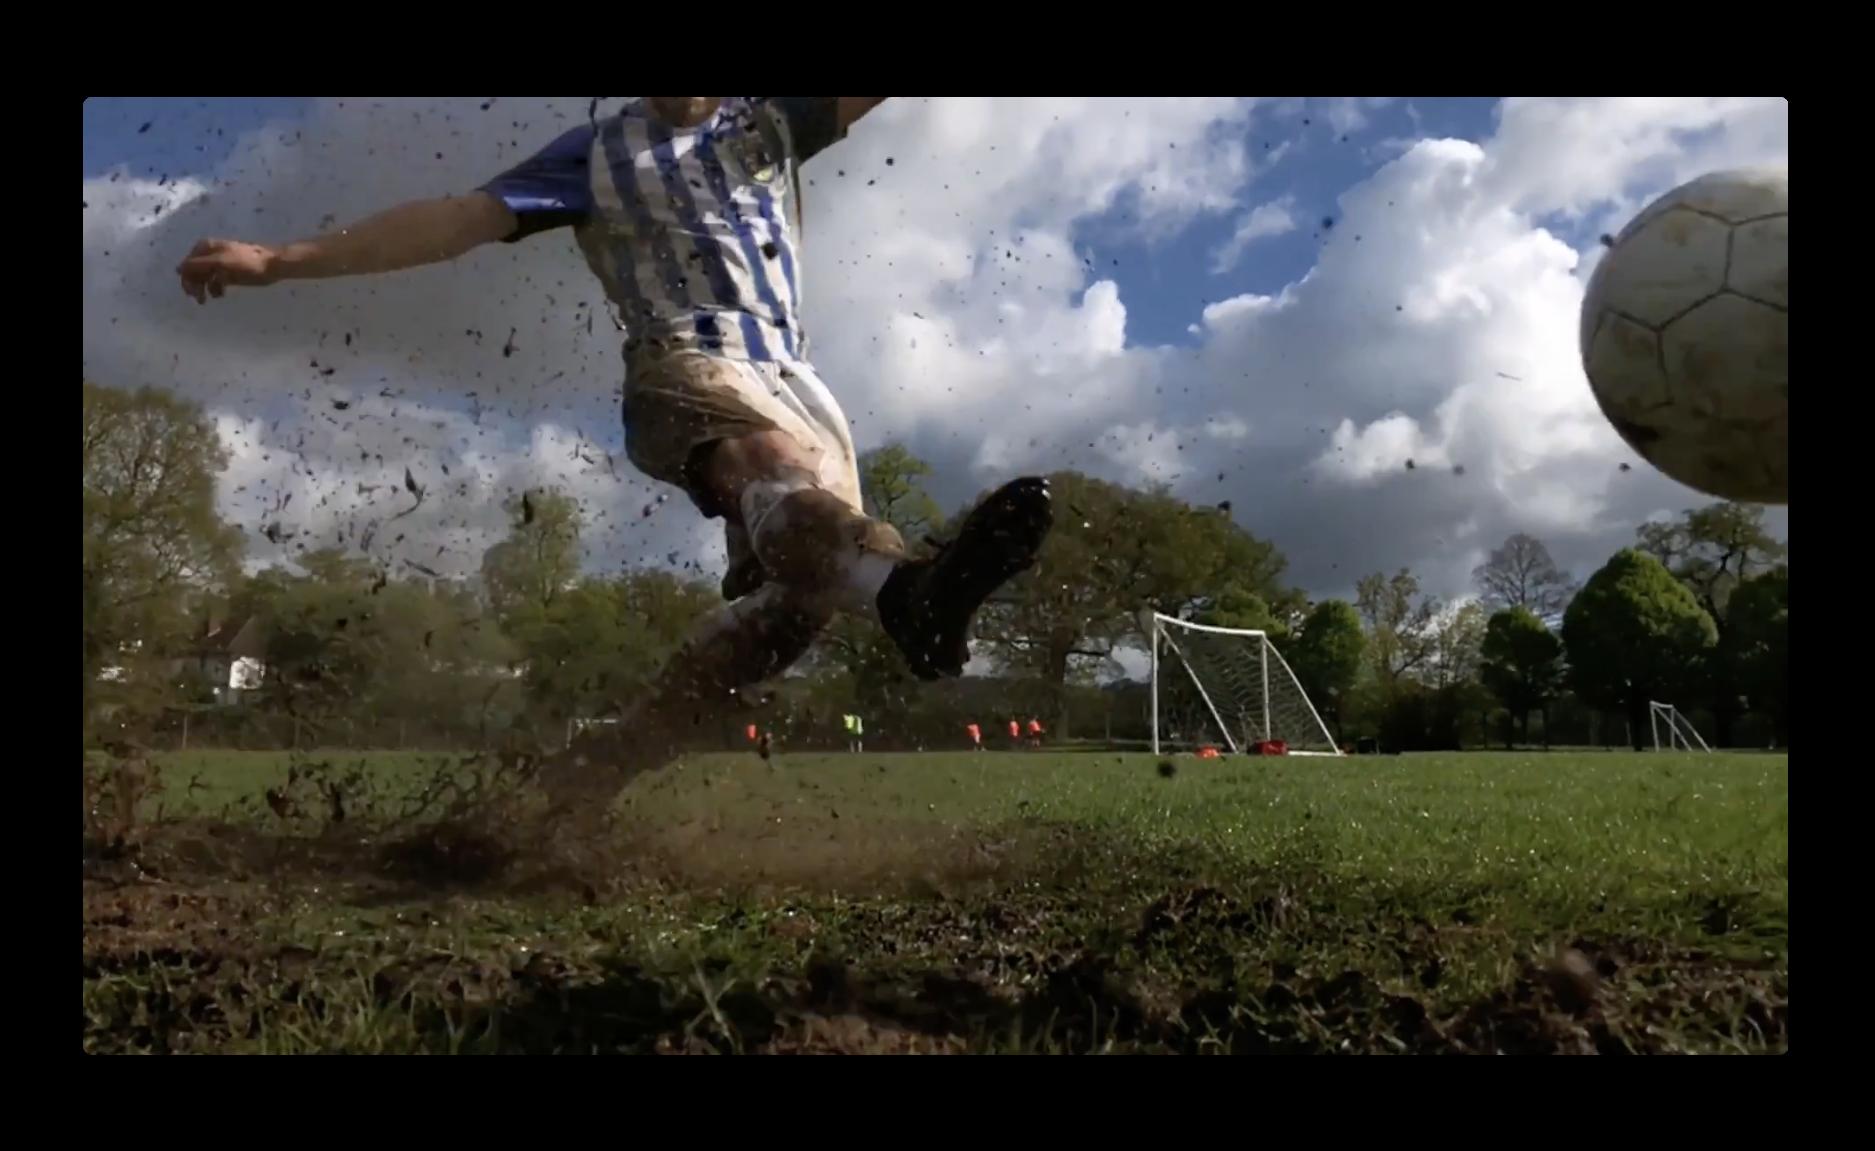 Apple、サッカーを題材にしiPhone Xを使用した撮影方法の新しいCF5本を公開